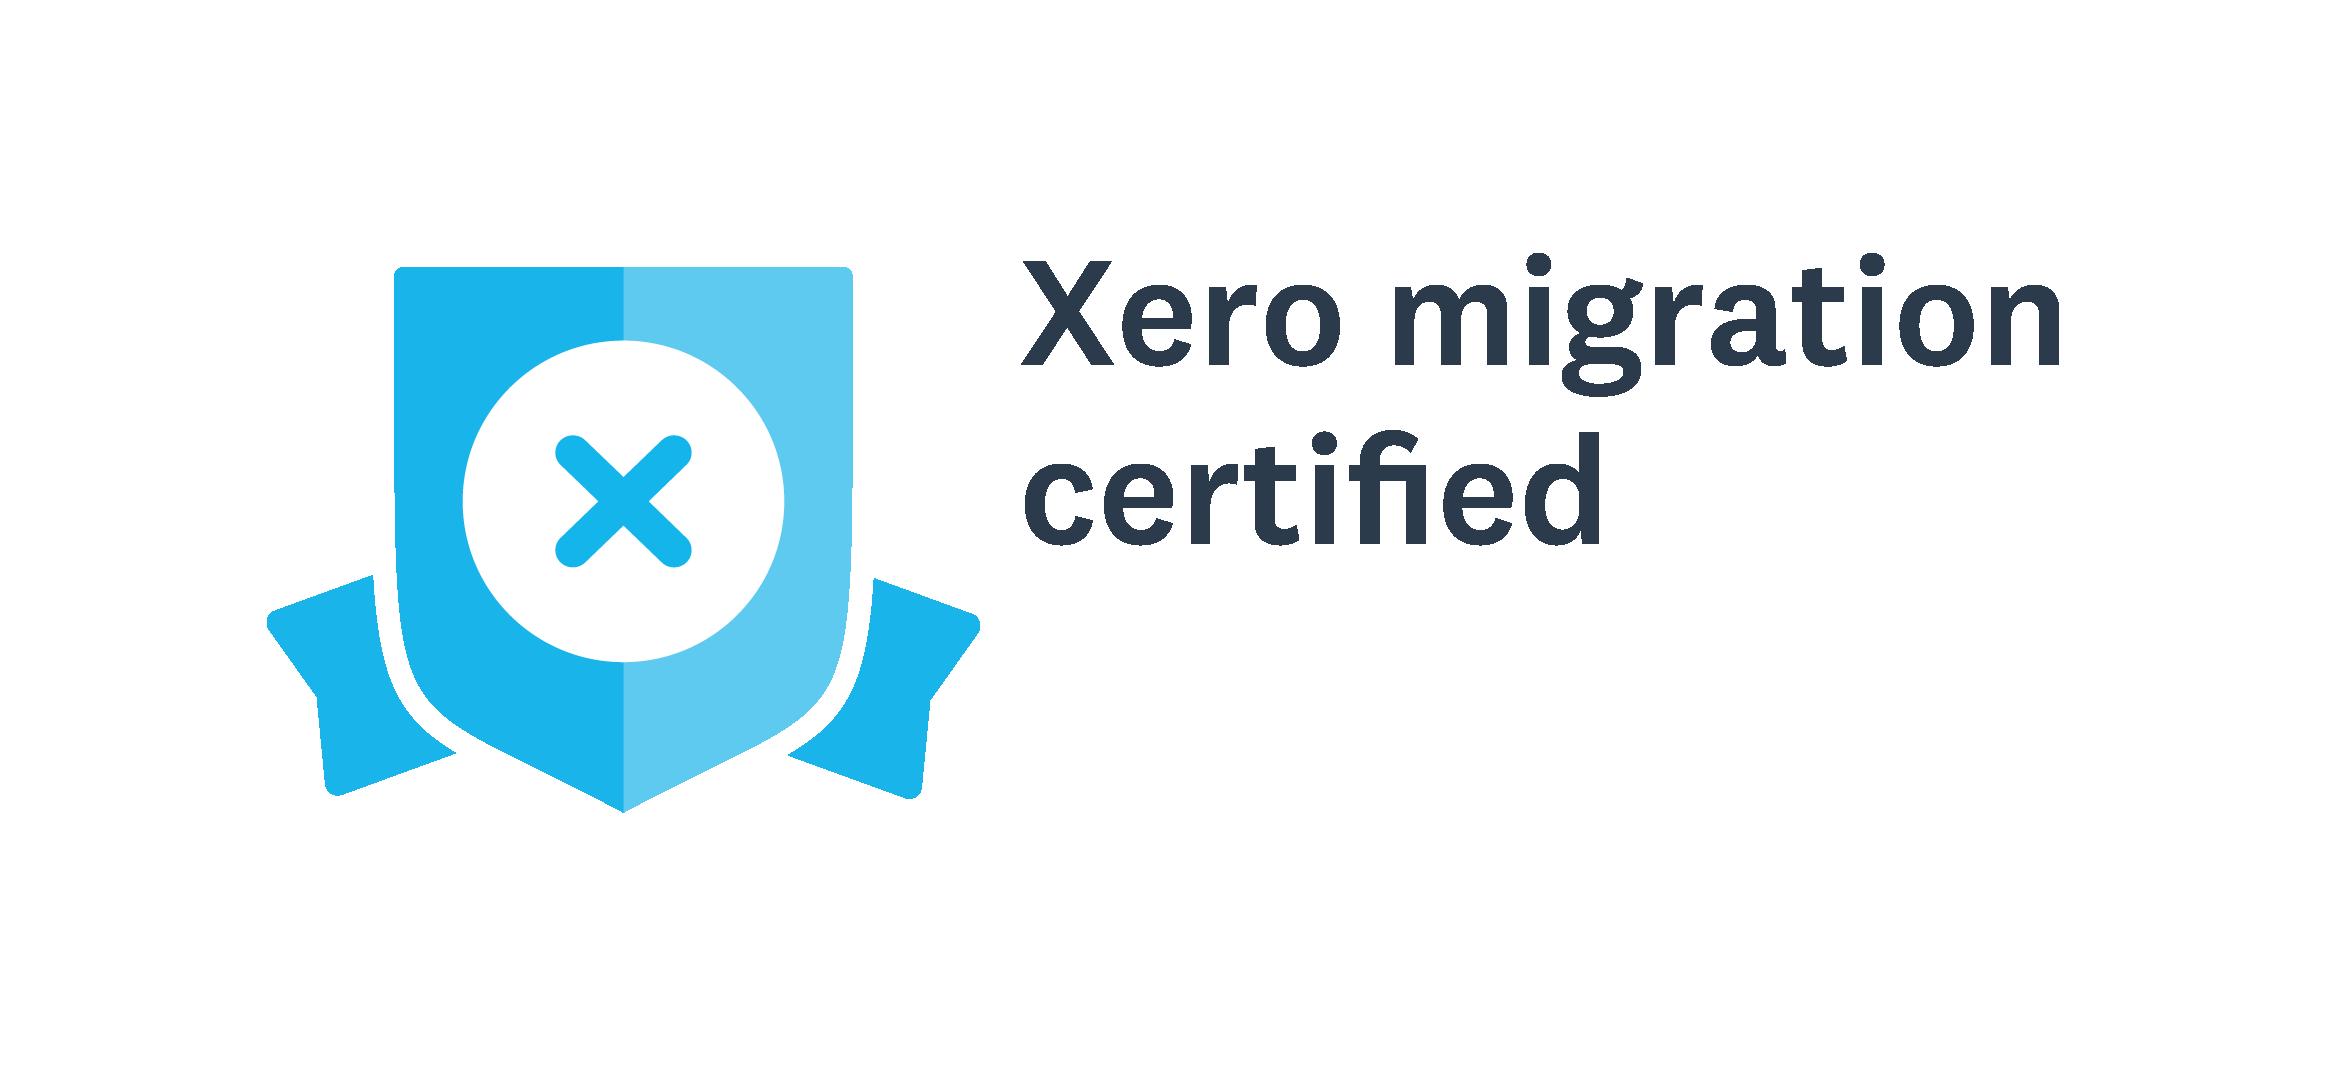 xero-migration-certified-badge-1